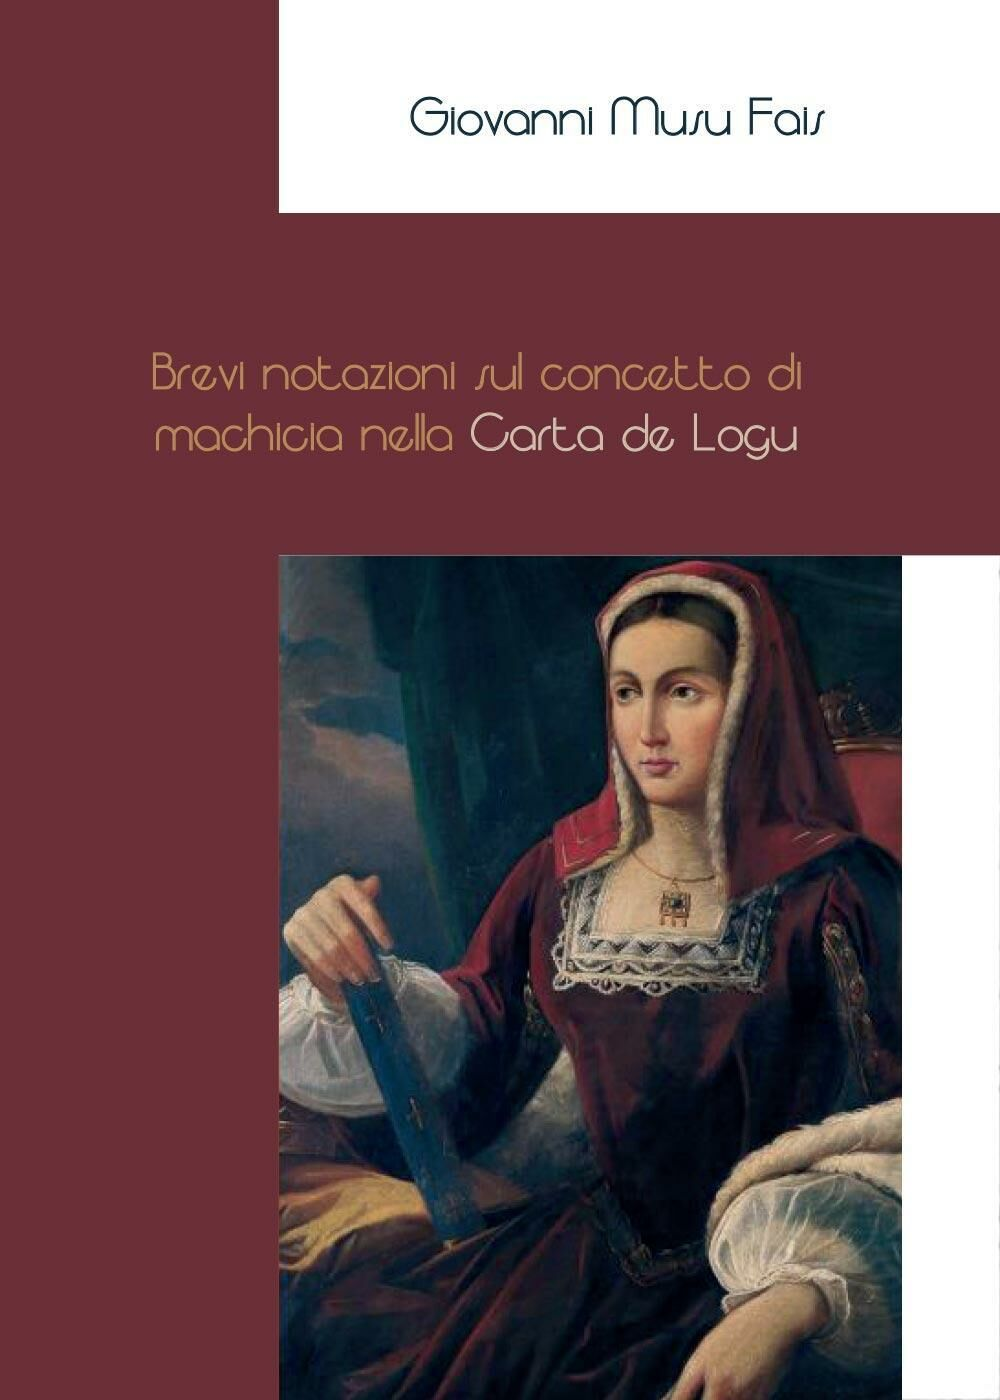 Brevi notazioni sul concetto di machicia nella Carta de Logu